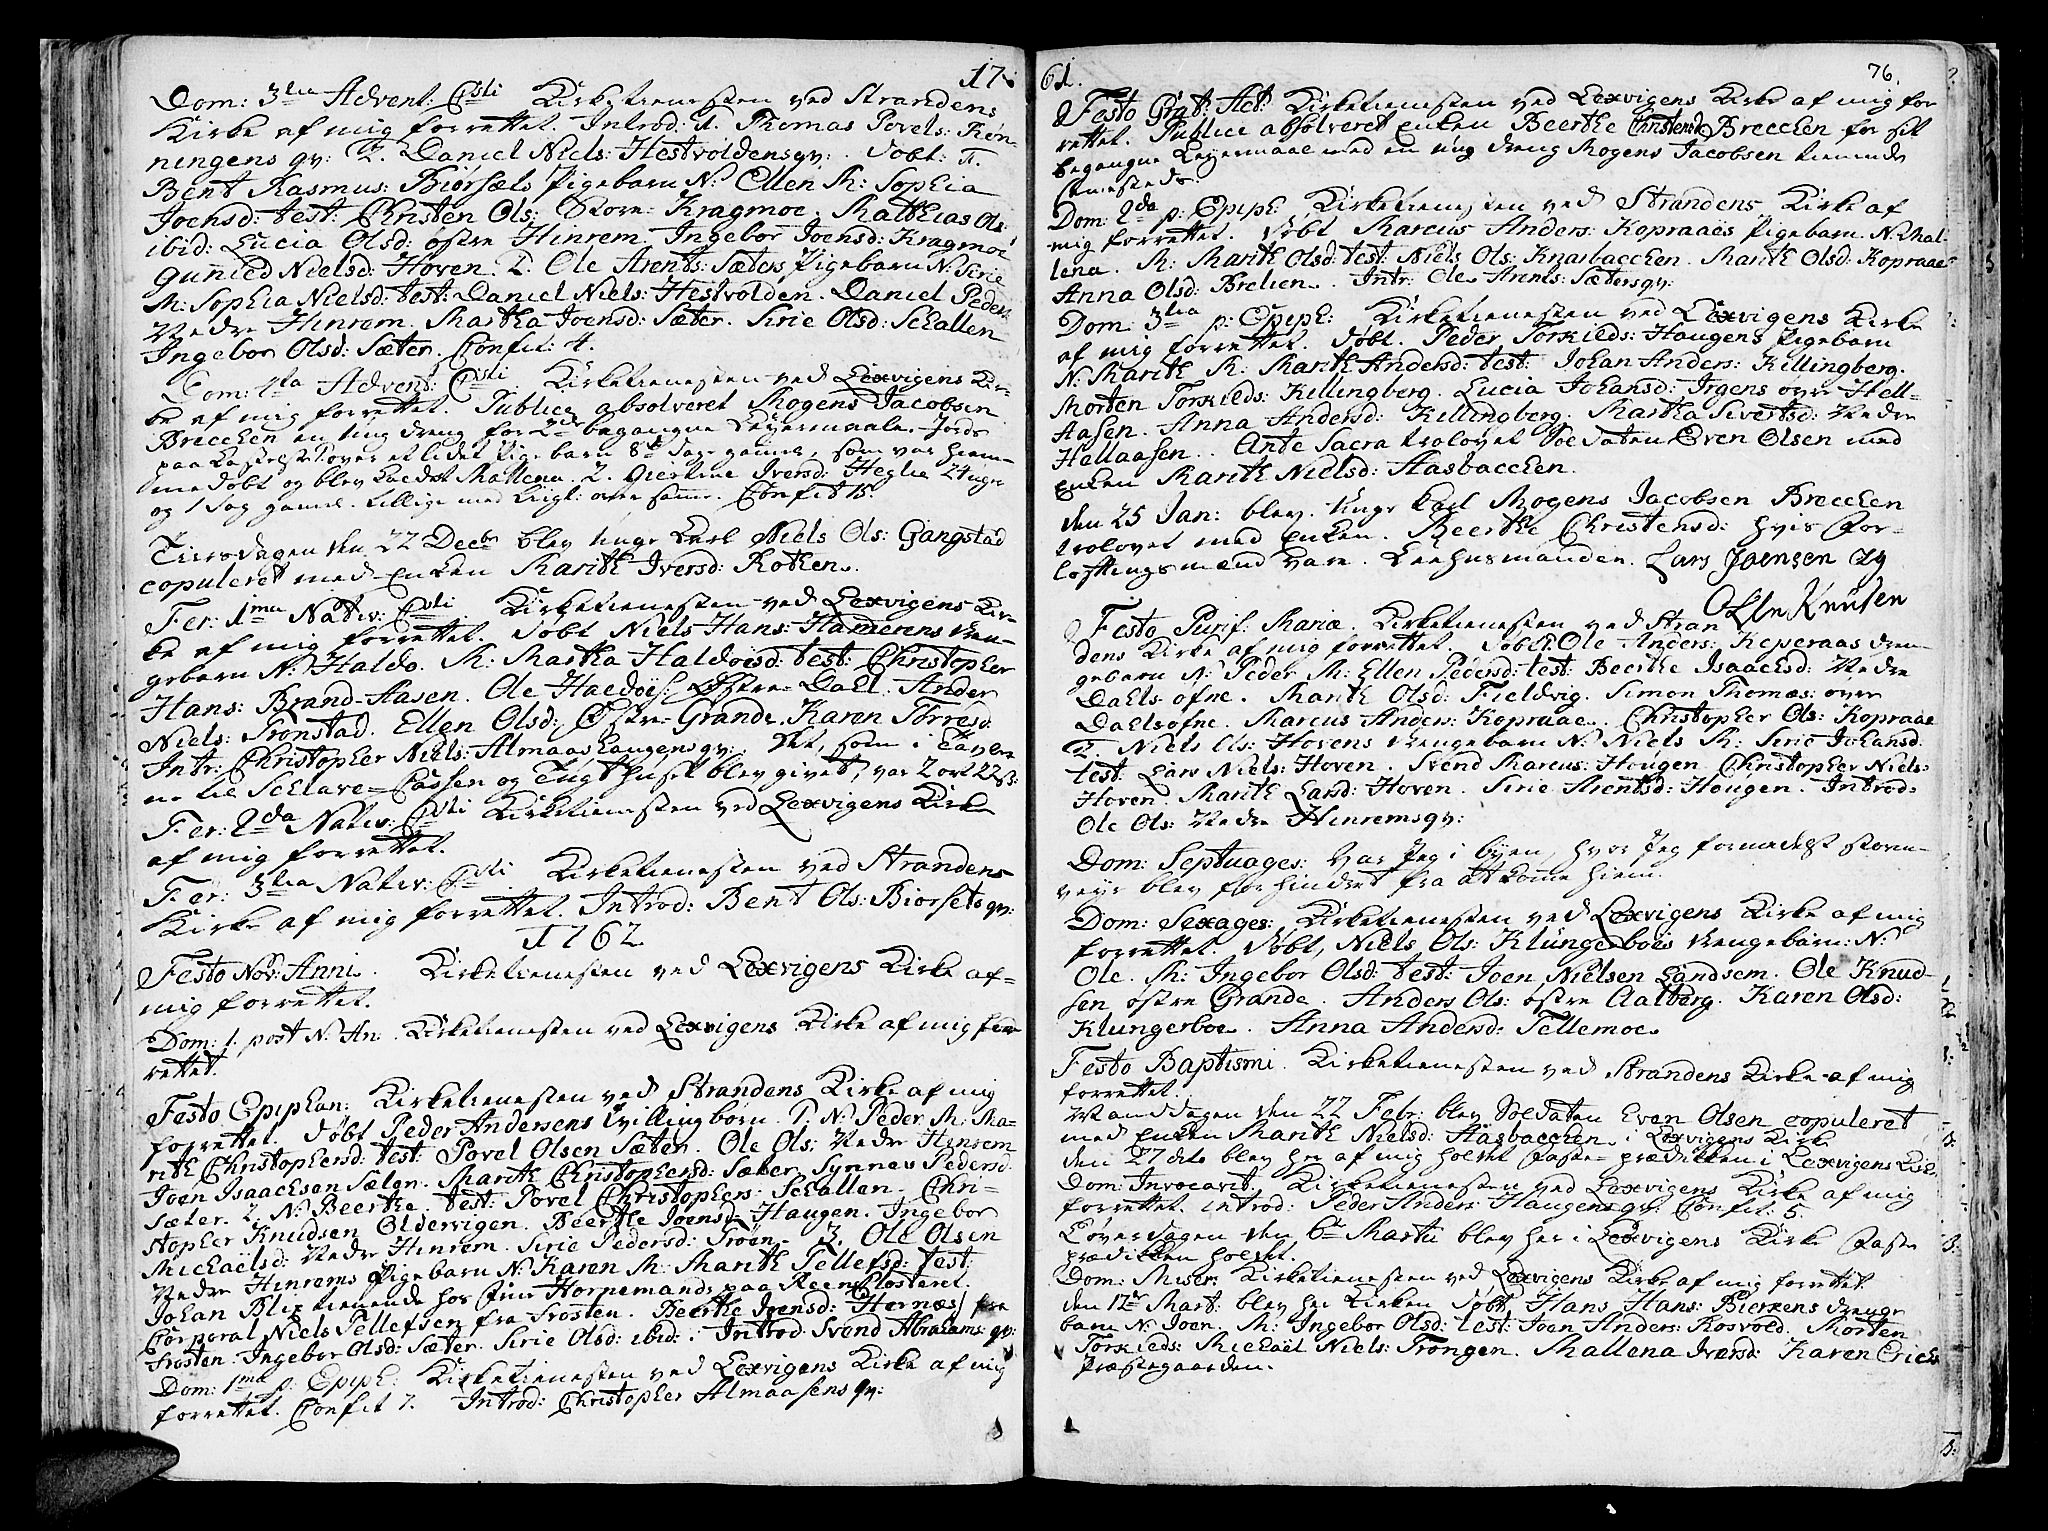 SAT, Ministerialprotokoller, klokkerbøker og fødselsregistre - Nord-Trøndelag, 701/L0003: Ministerialbok nr. 701A03, 1751-1783, s. 76